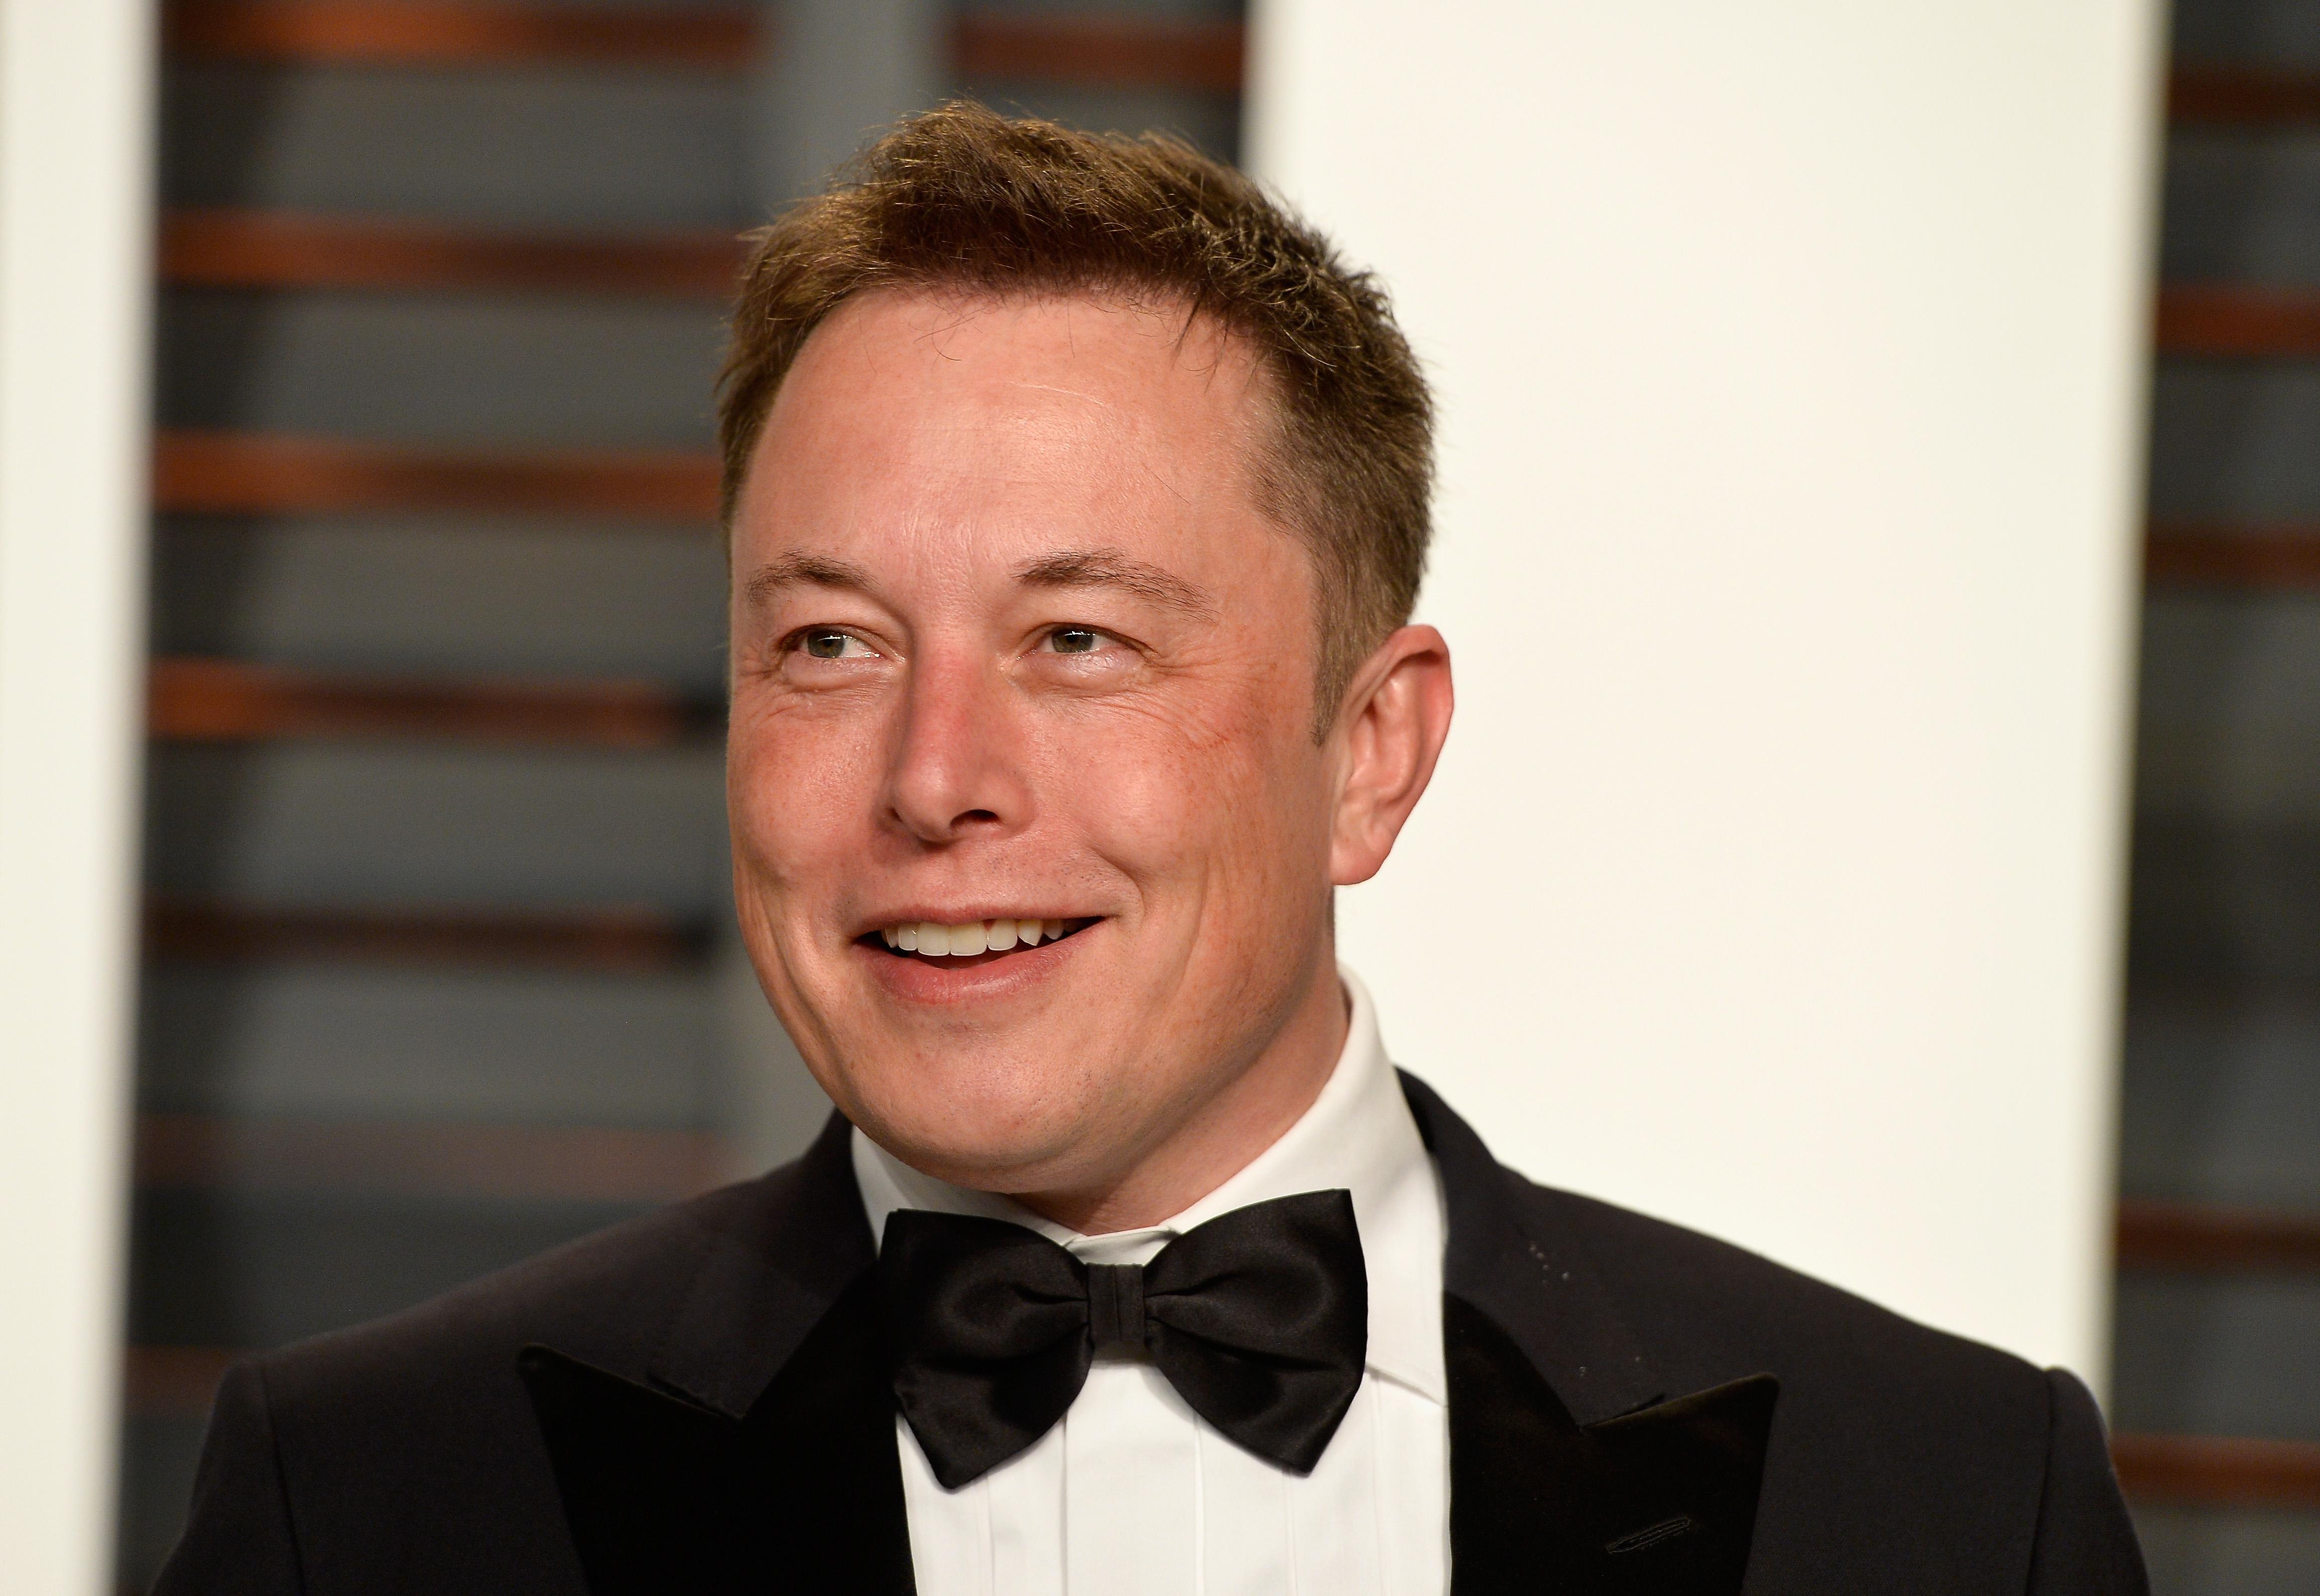 Илън Мъск Несъвършен красавец, но успехът е секси. Вторият най-богат мъж в света изумява със своите космически постижения винаги, особено през 2020.